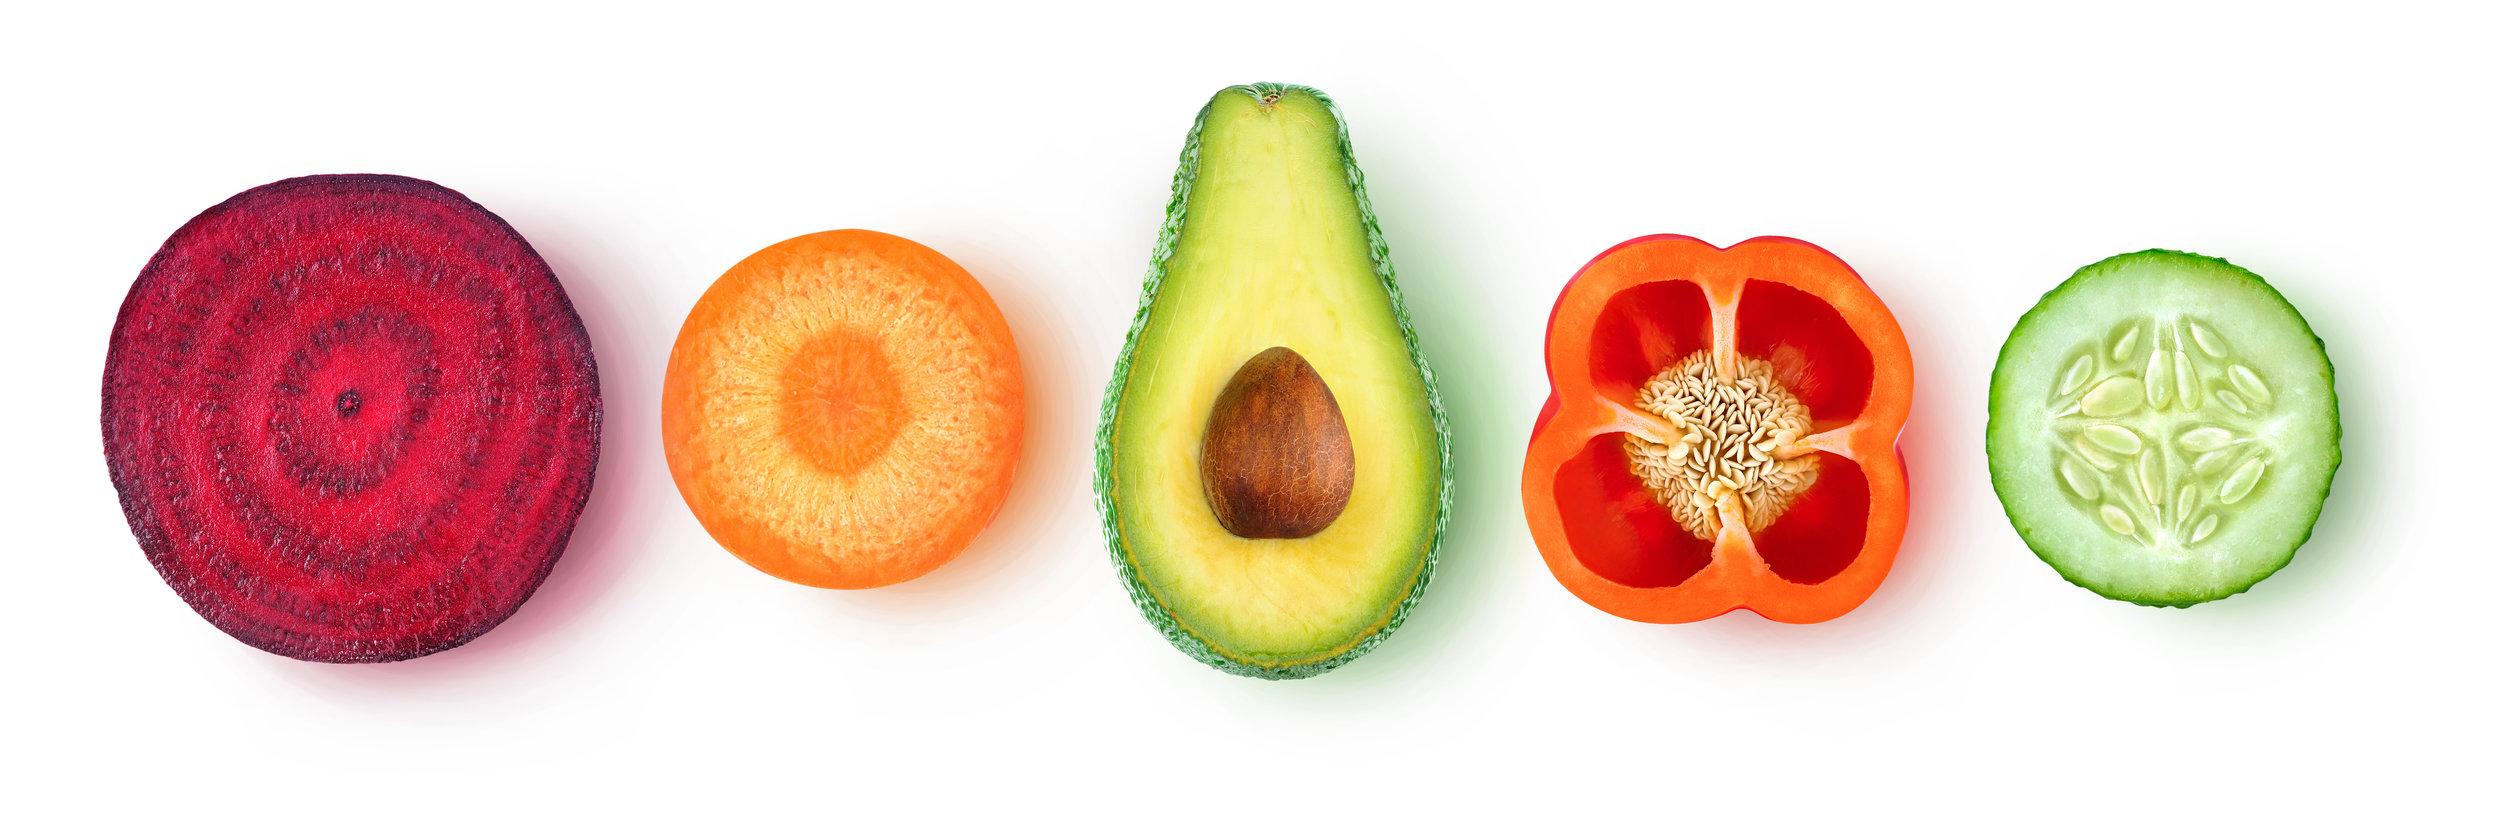 sliced veggies salad ingredients recipe